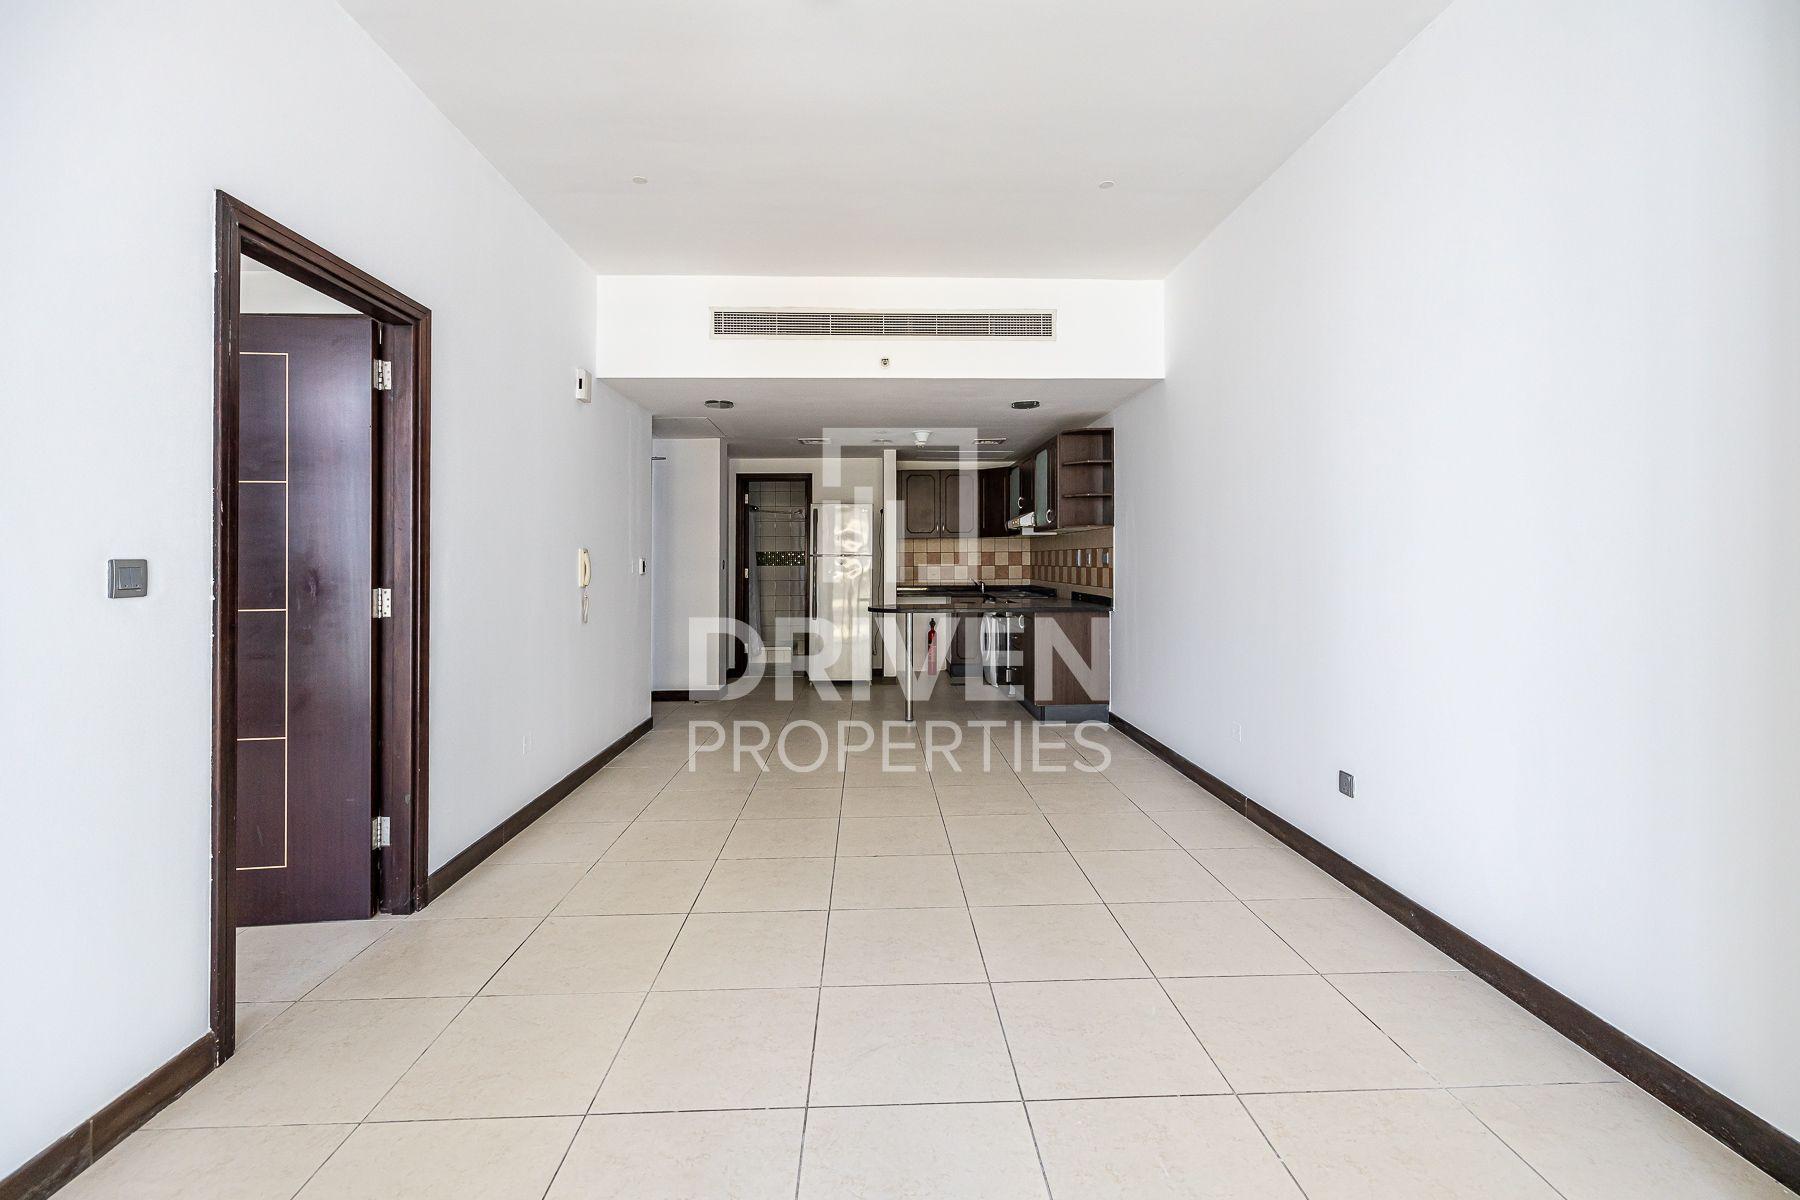 للبيع - شقة - برج إنديجو - أبراج بحيرة الجميرا